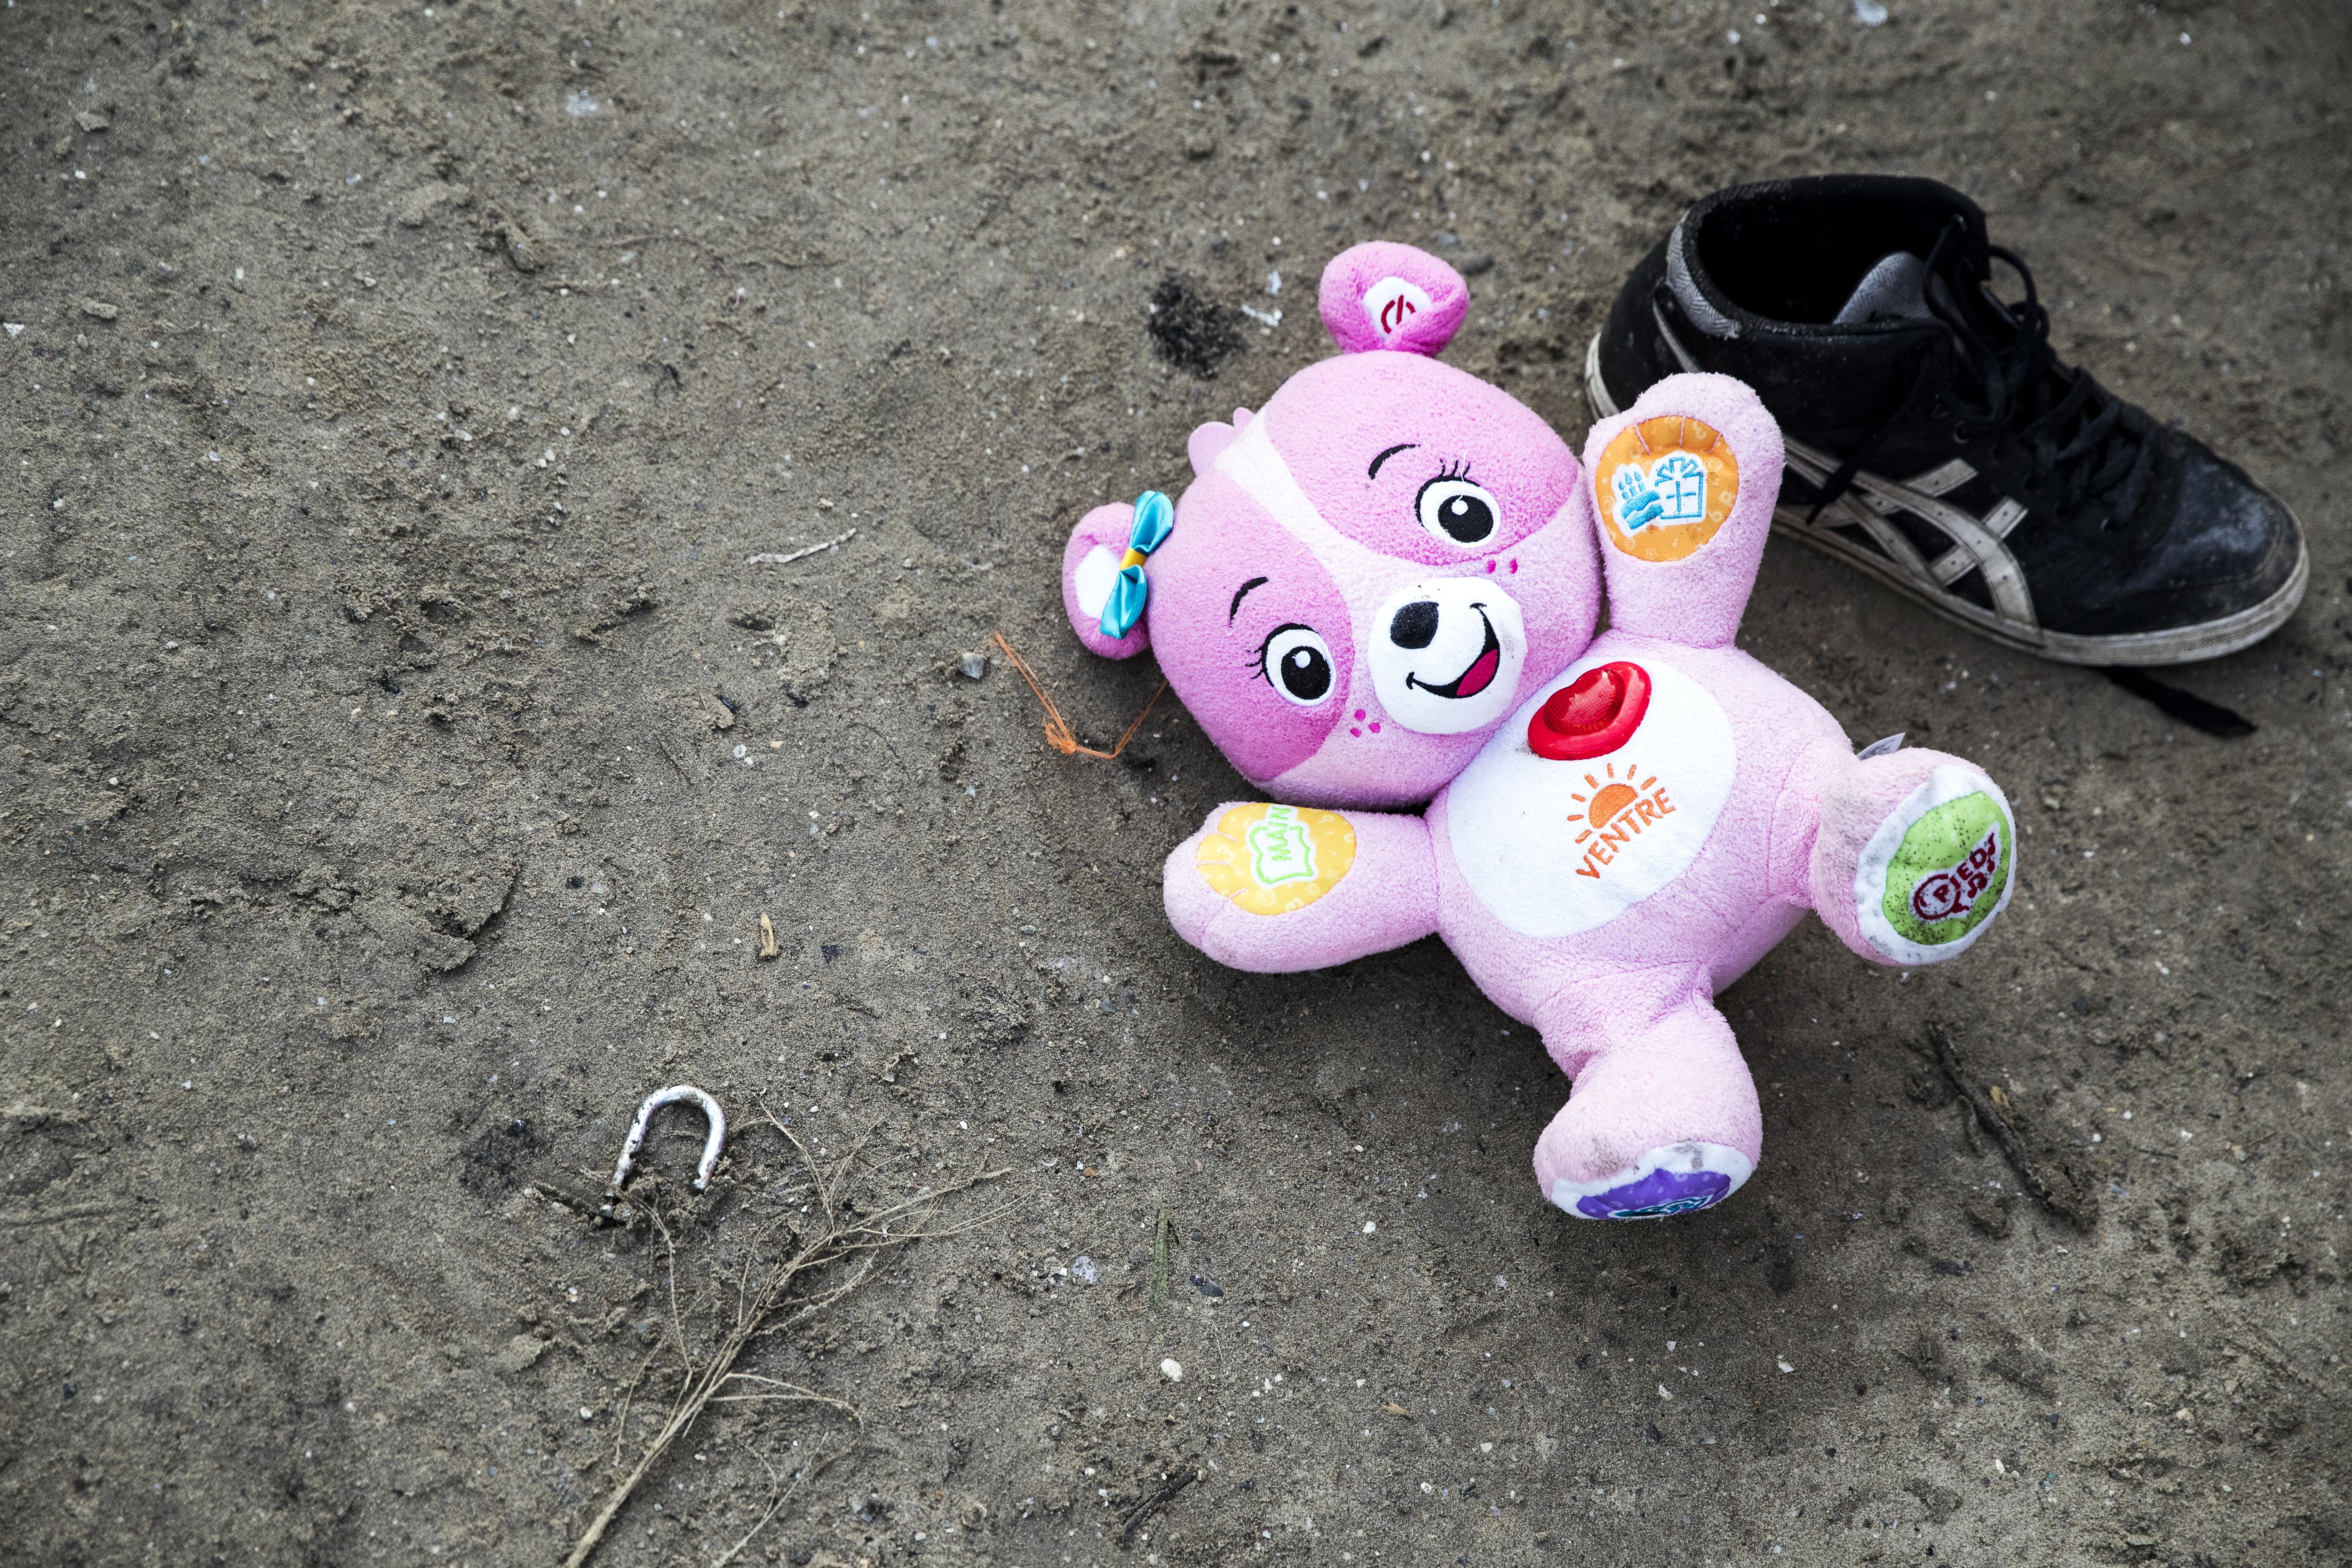 An abandoned teddybear.